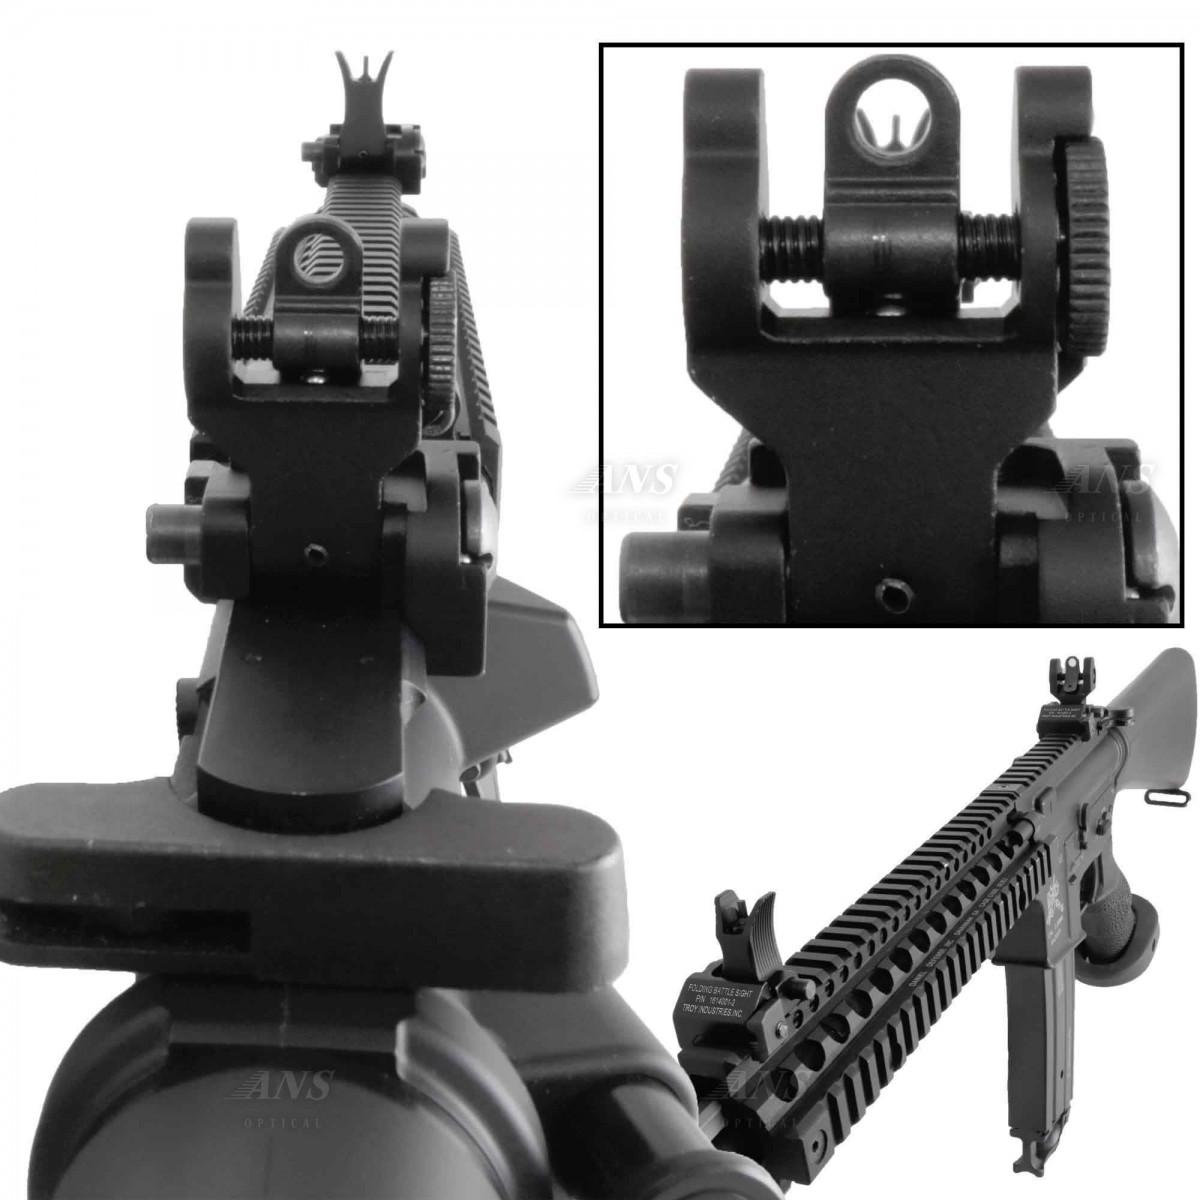 TROYタイプ フォールディング バトルサイト アイアンサイト 前後セット M4スタイル BK 折り畳み  Battle Sight